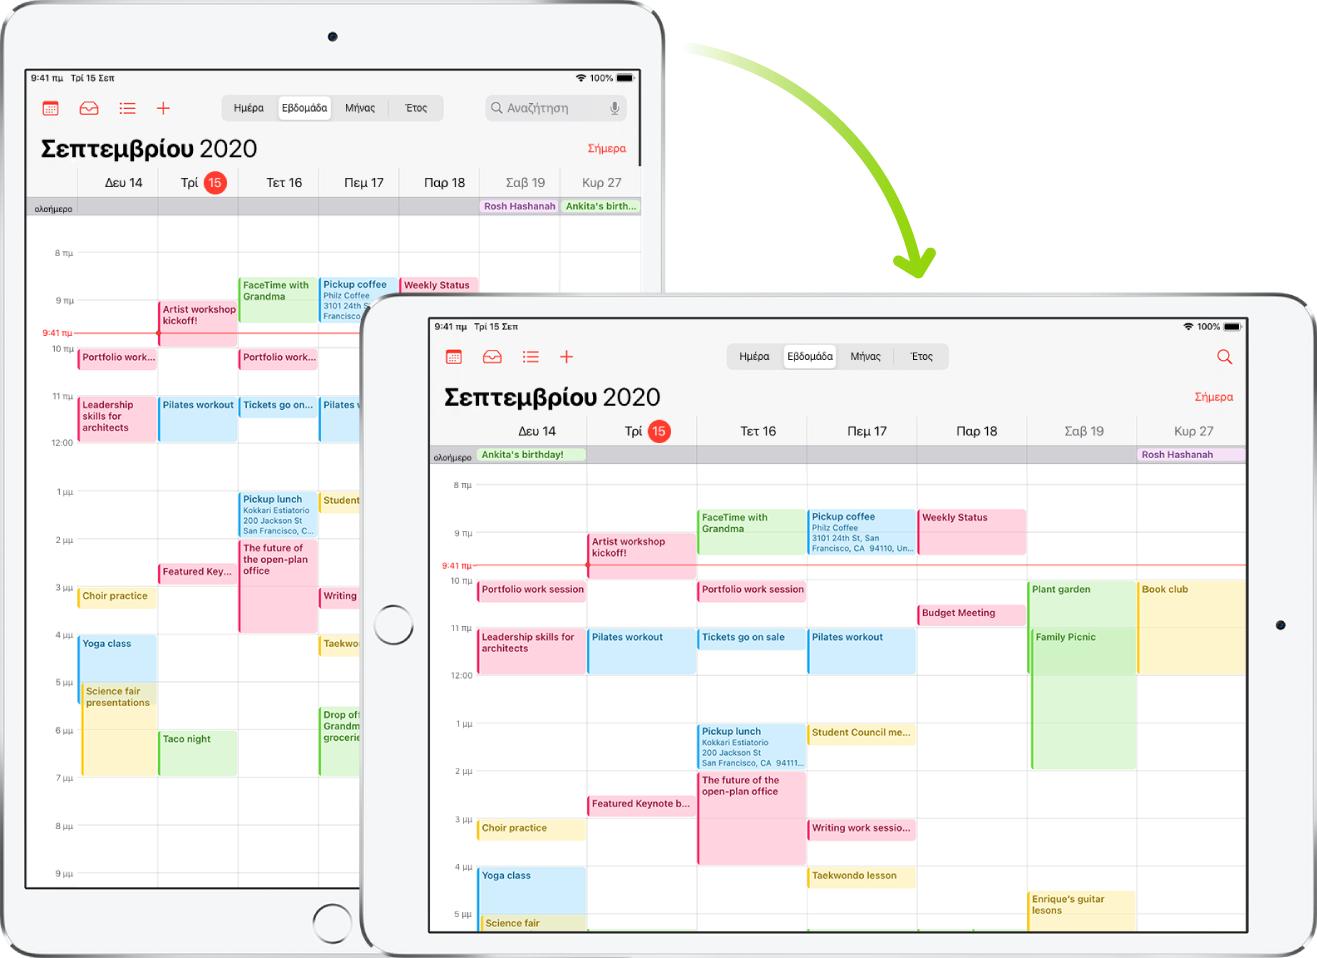 Στο παρασκήνιο, στο iPad εμφανίζεται μια οθόνη του Ημερολογίου σε κατακόρυφο προσανατολισμό. Στο προσκήνιο, το iPad περιστρέφεται και εμφανίζεται η οθόνη του Ημερολογίου σε οριζόντιο προσανατολισμό.